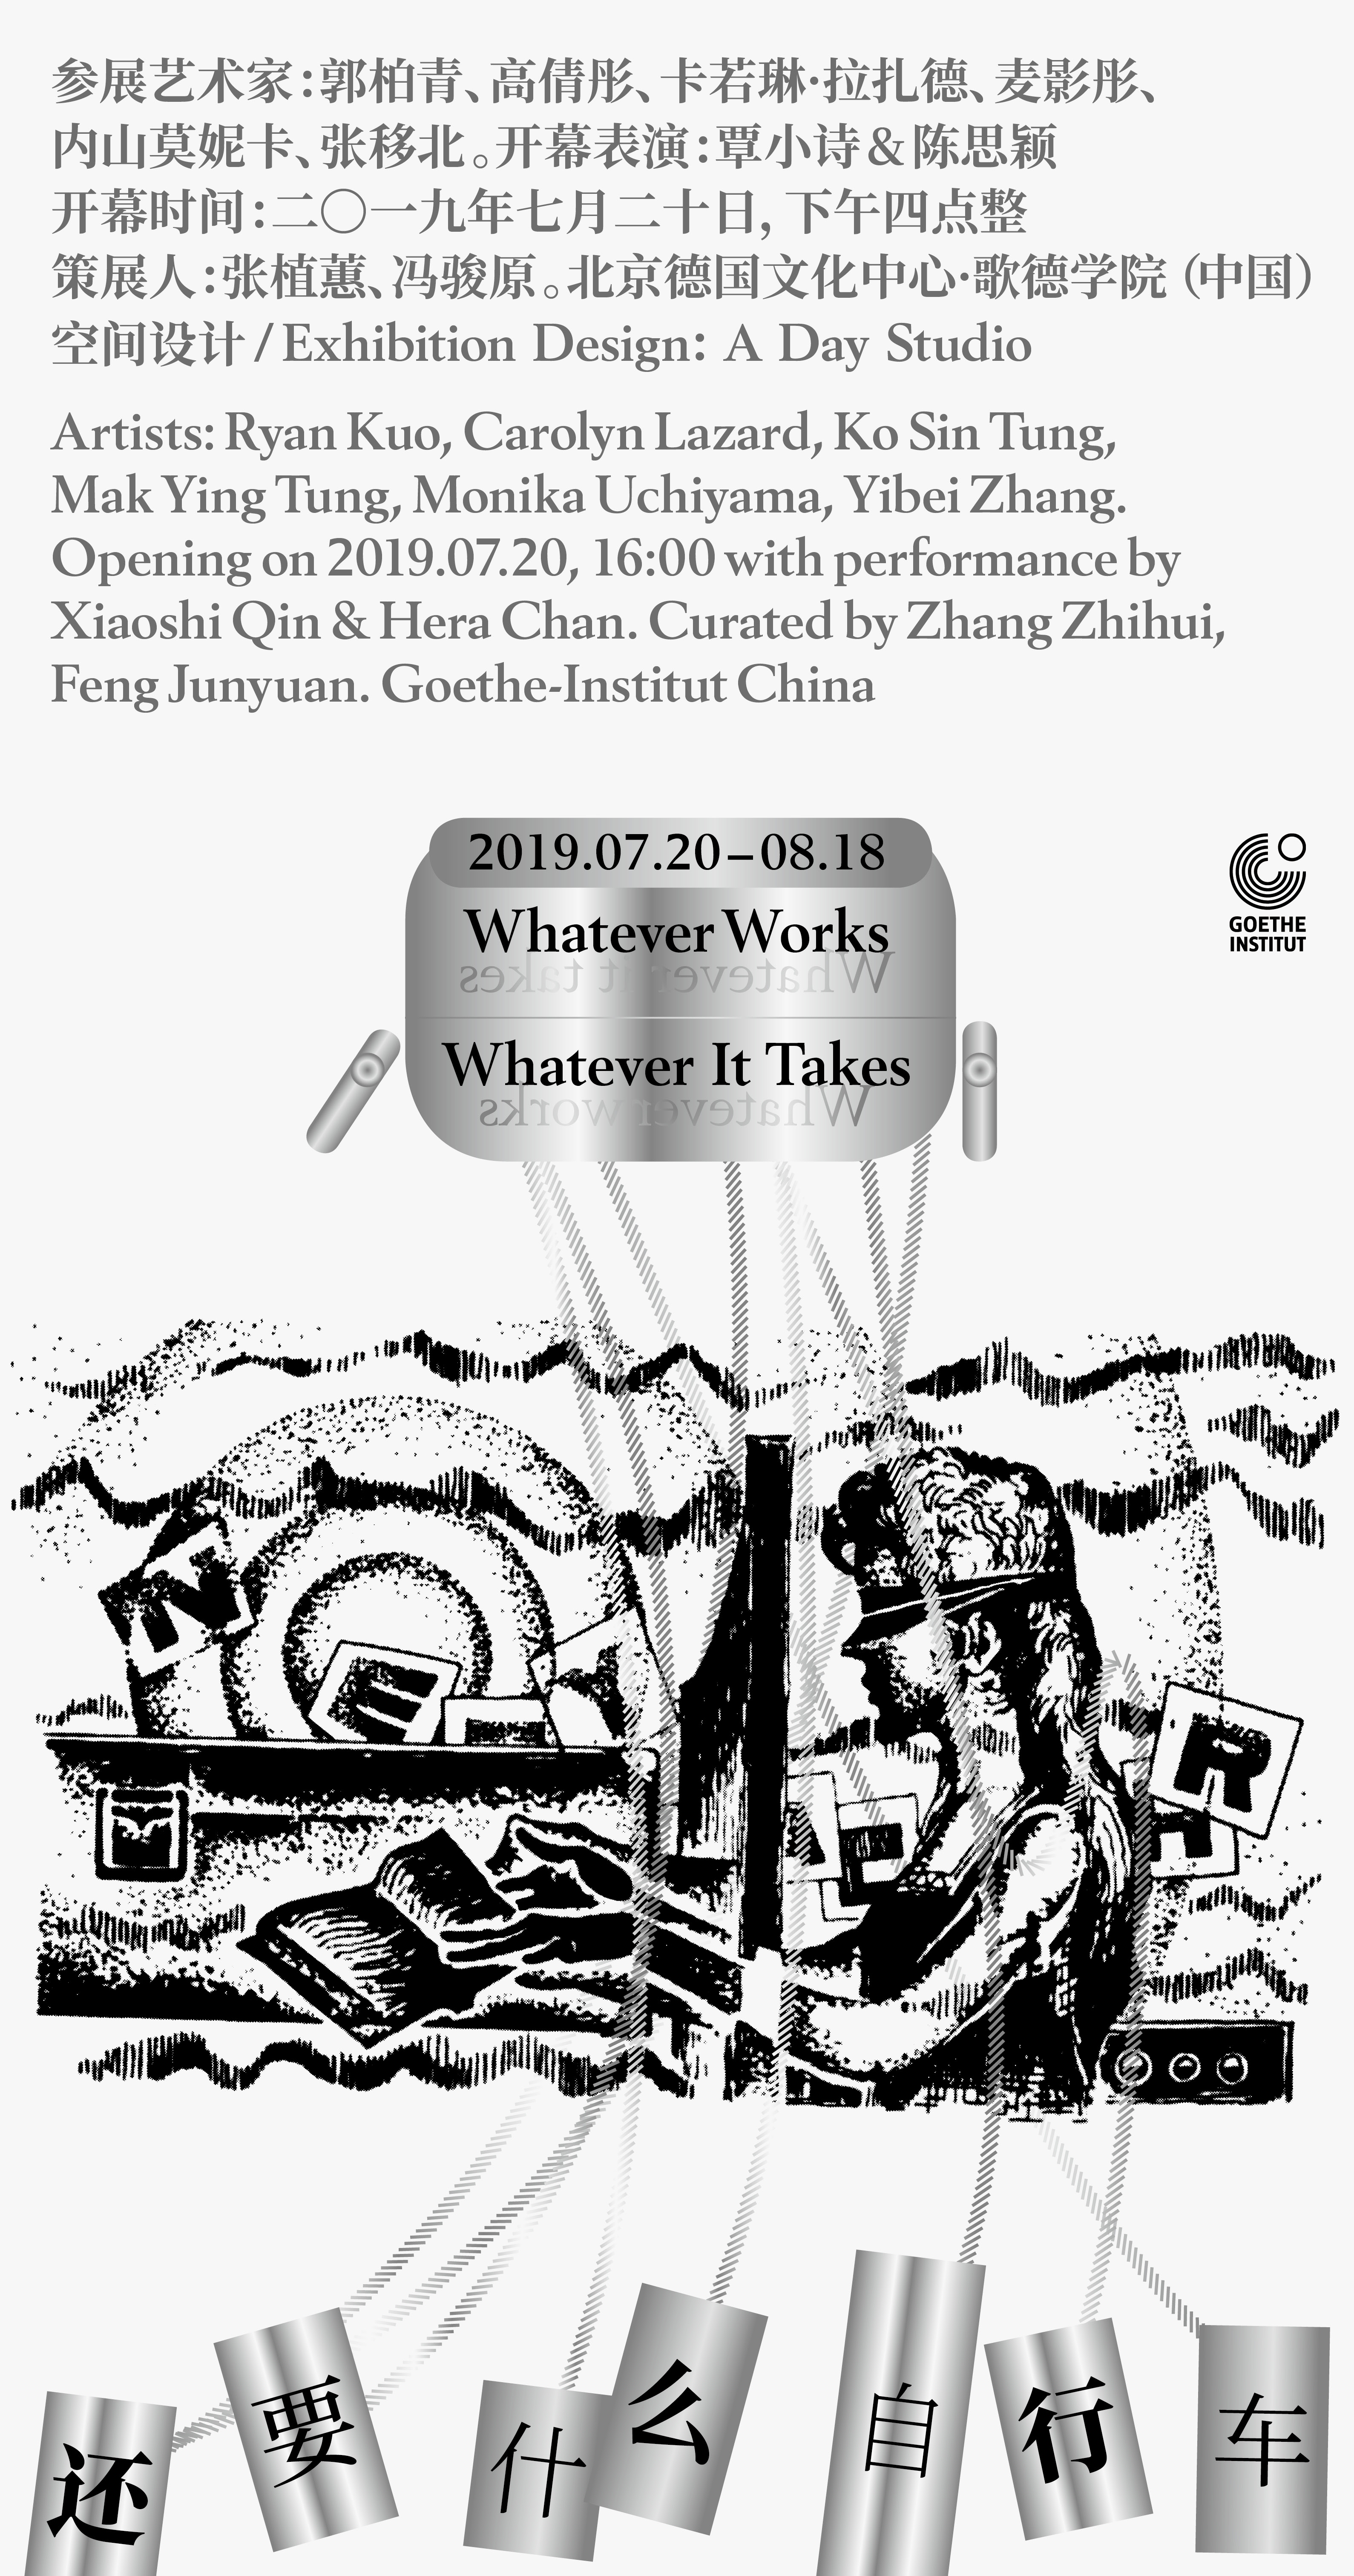 麥影彤2於歌德學院(中國)展出